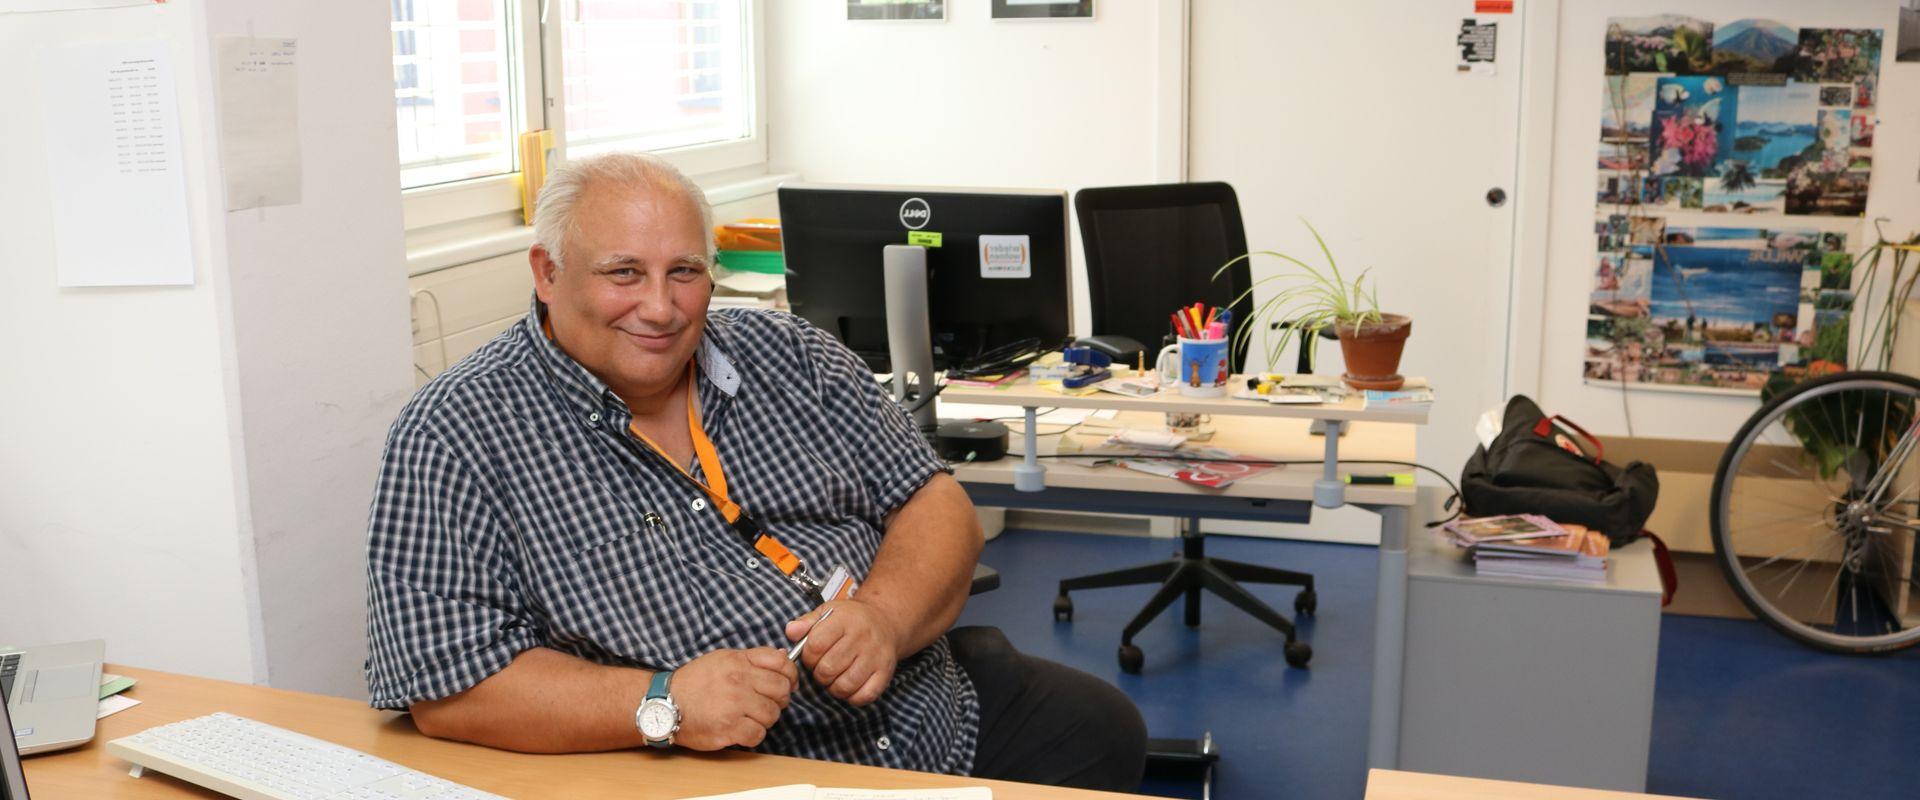 Franz H. in seinem Büro.